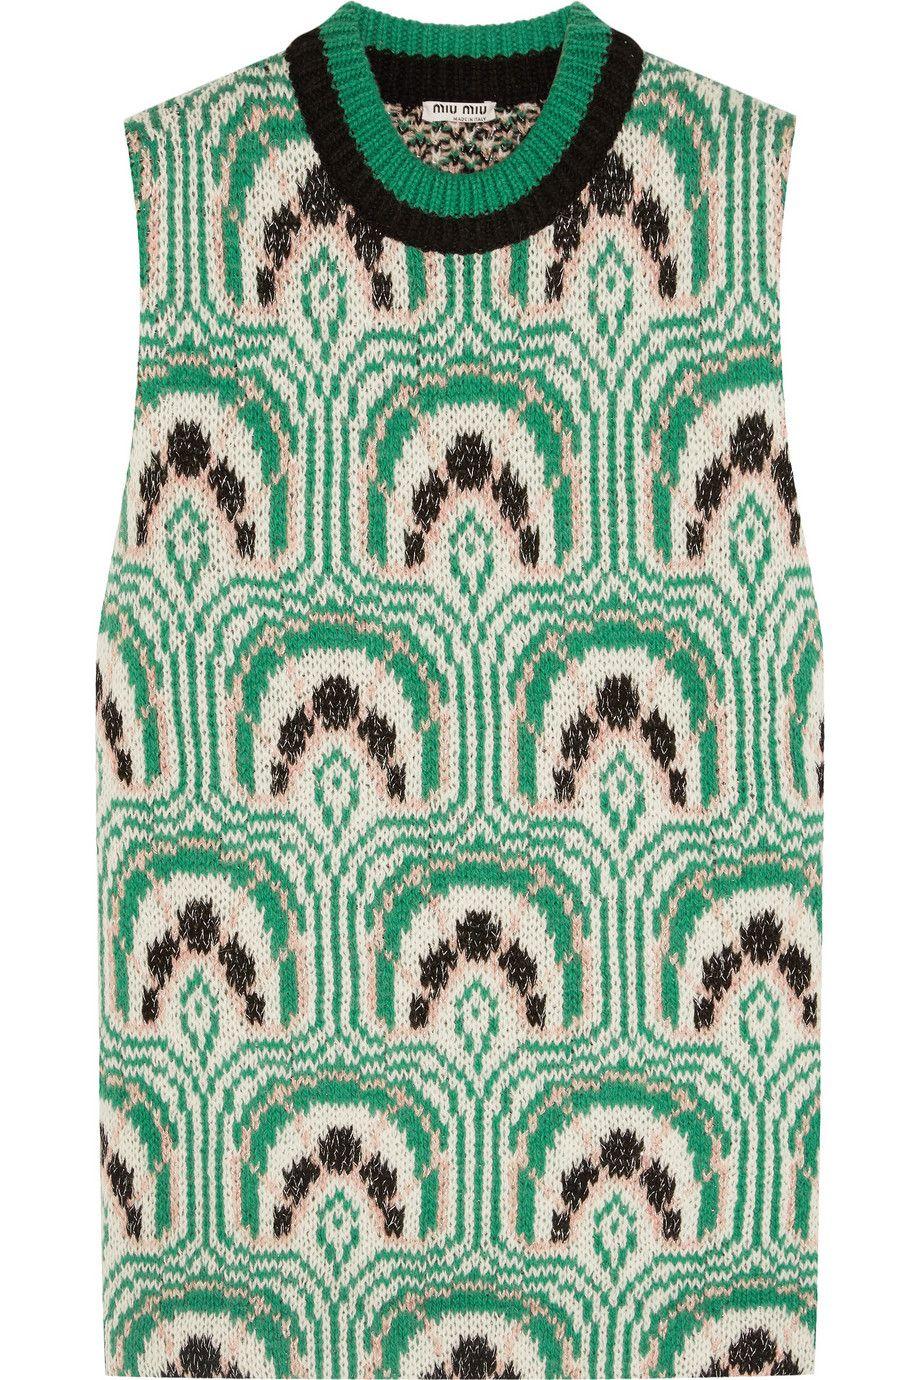 Miu Miu   Intarsia wool-blend top   NET-A-PORTER.COM